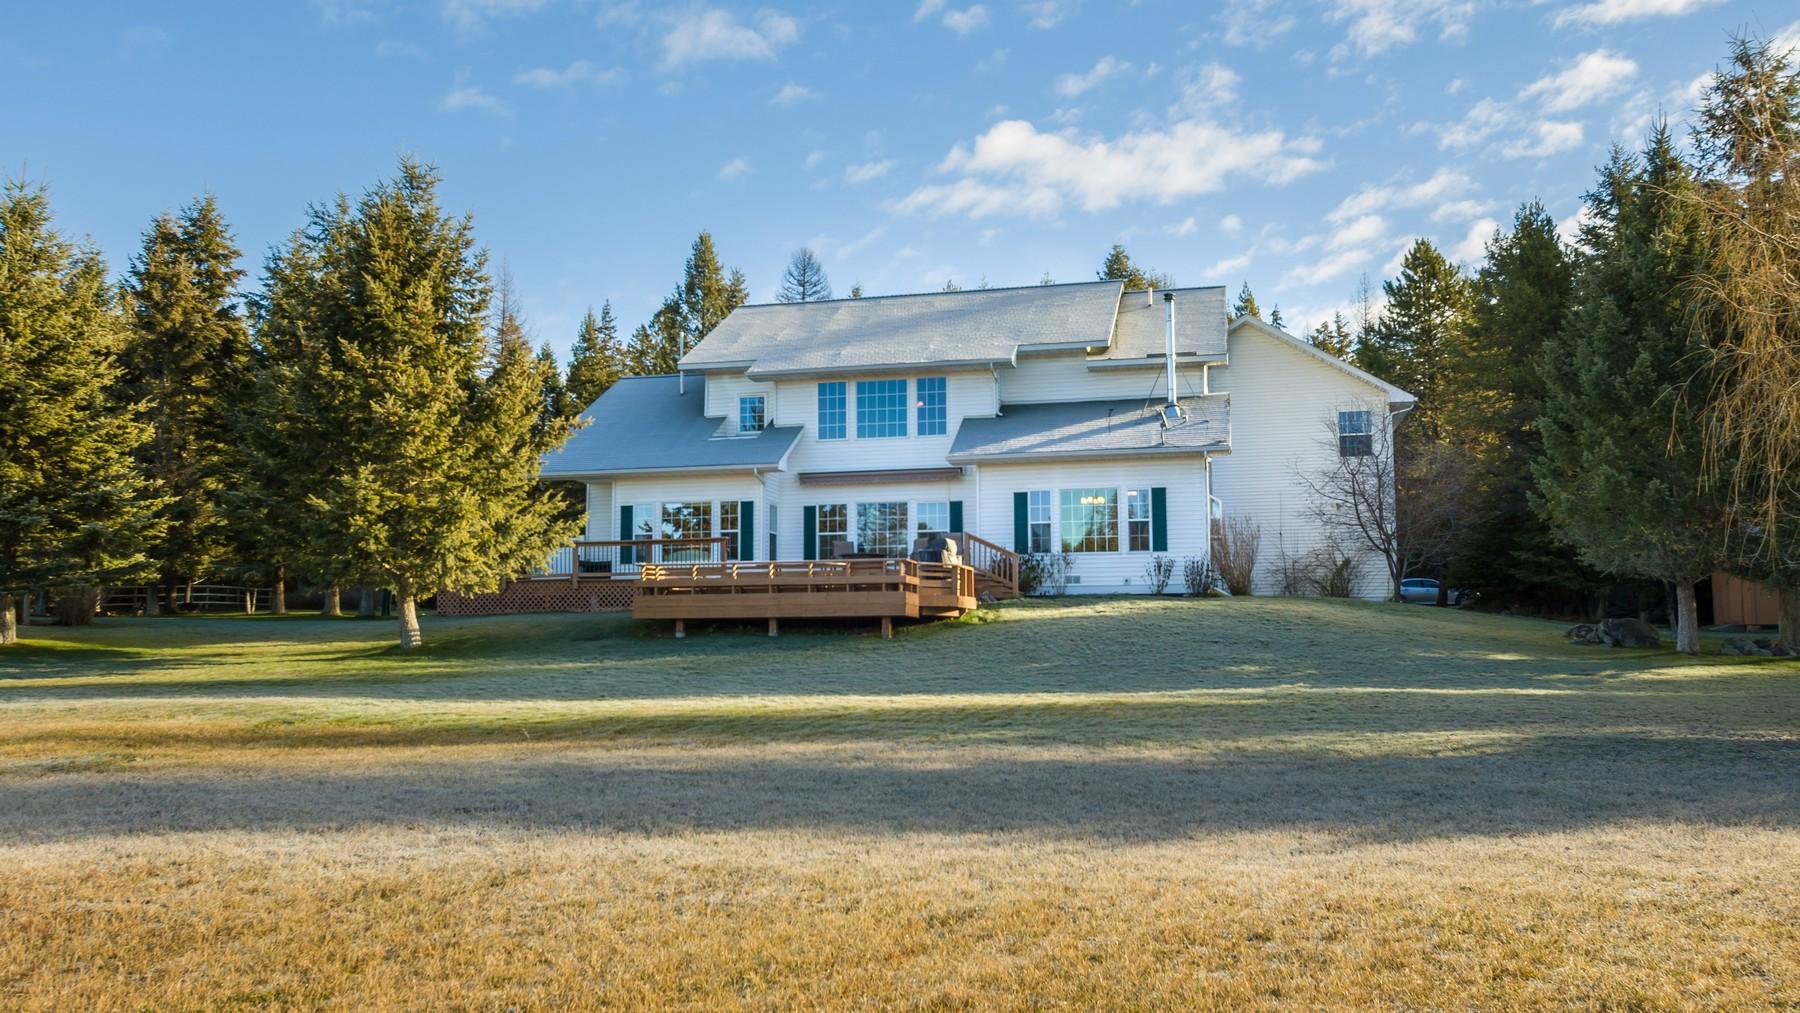 Casa Unifamiliar por un Venta en 186 E Blanchard Lake Rd , Whitefish, MT 59937 Whitefish, Montana, 59937 Estados Unidos